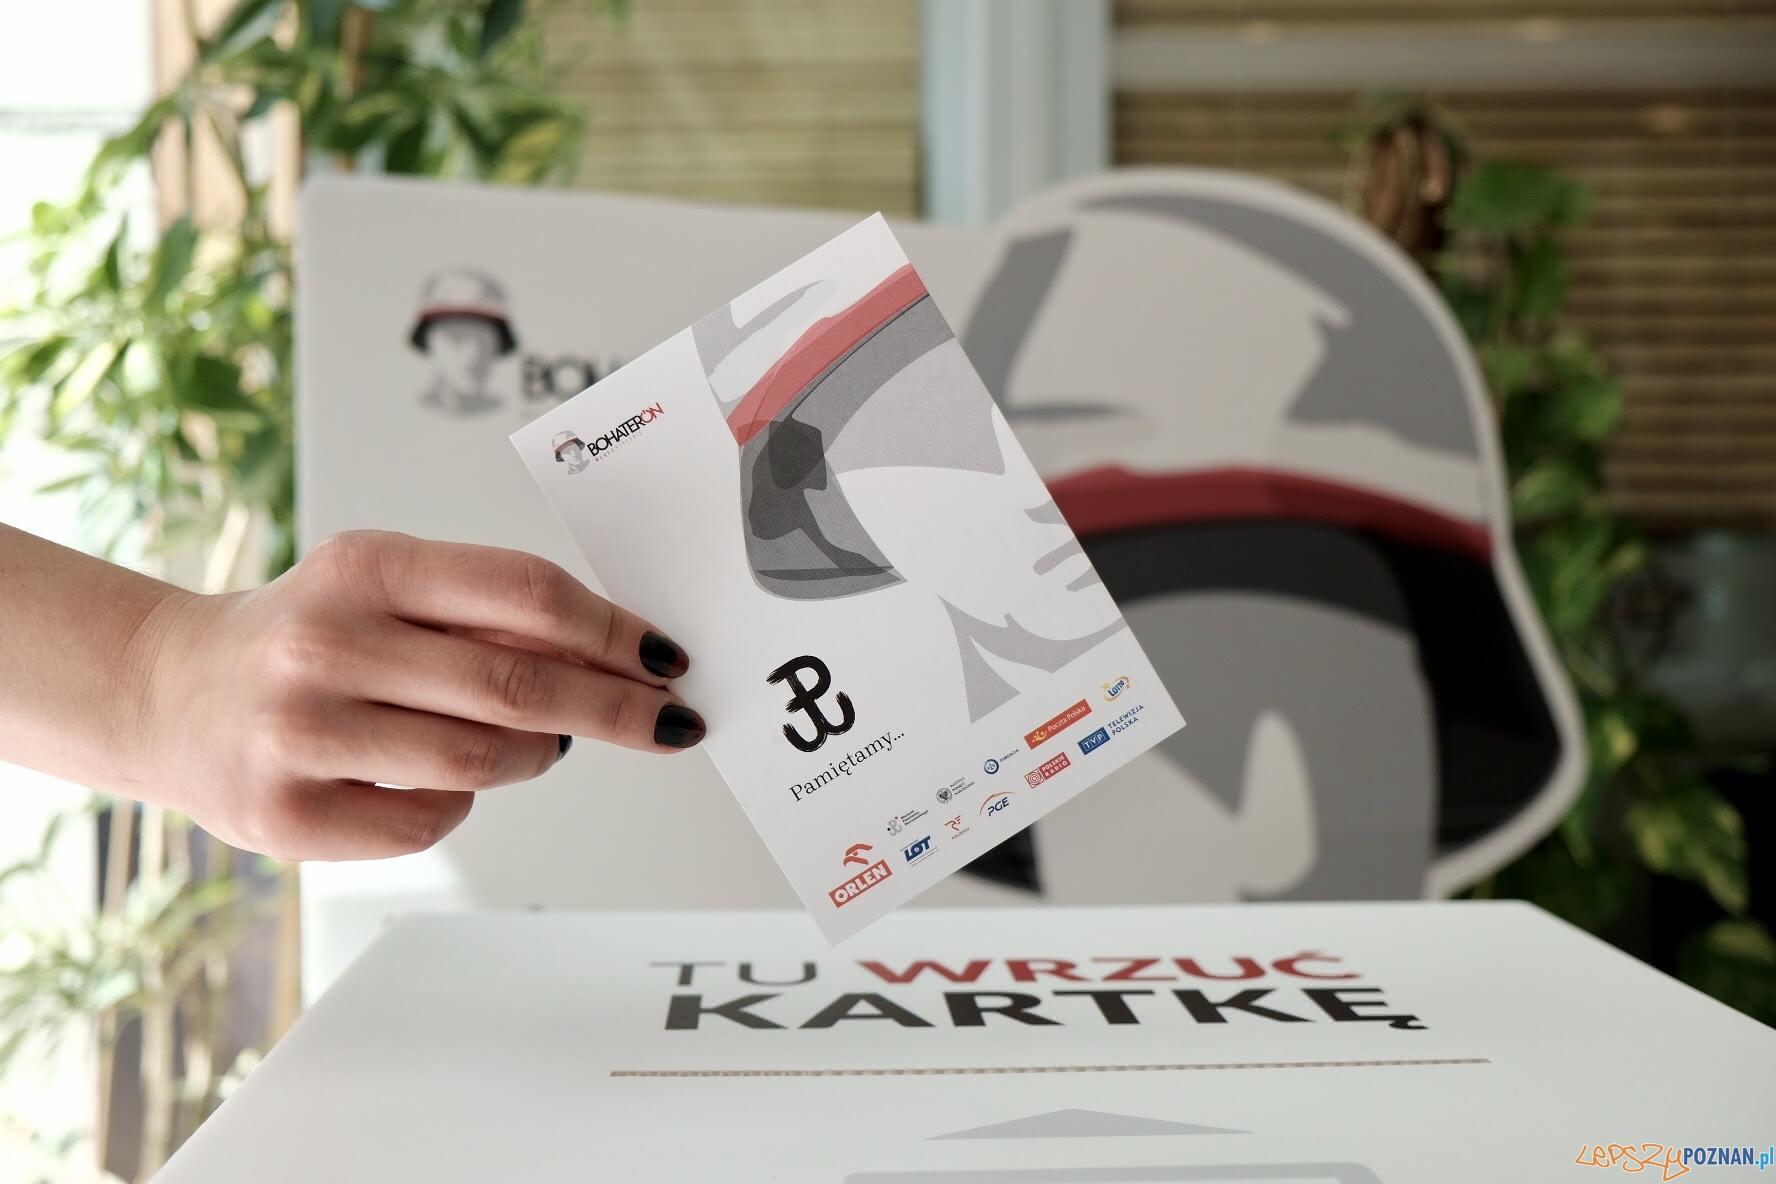 Kartka III edycji kampanii BohaterON  Foto: materiały prasowe / PiotrLitwic.com